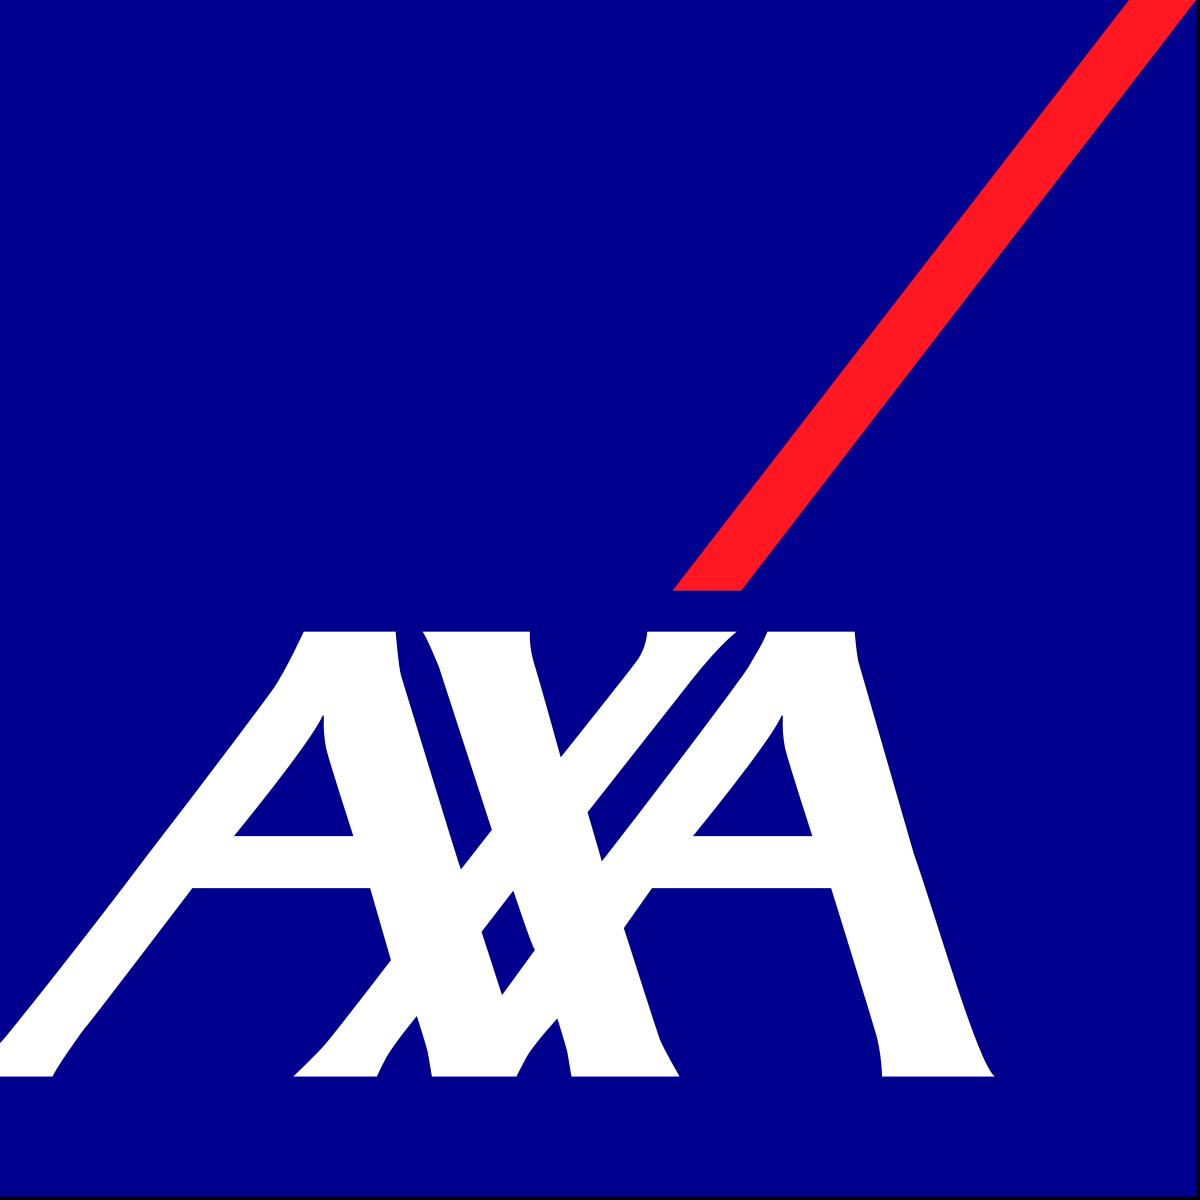 AXA Portugal-Companhia de Seguros SA